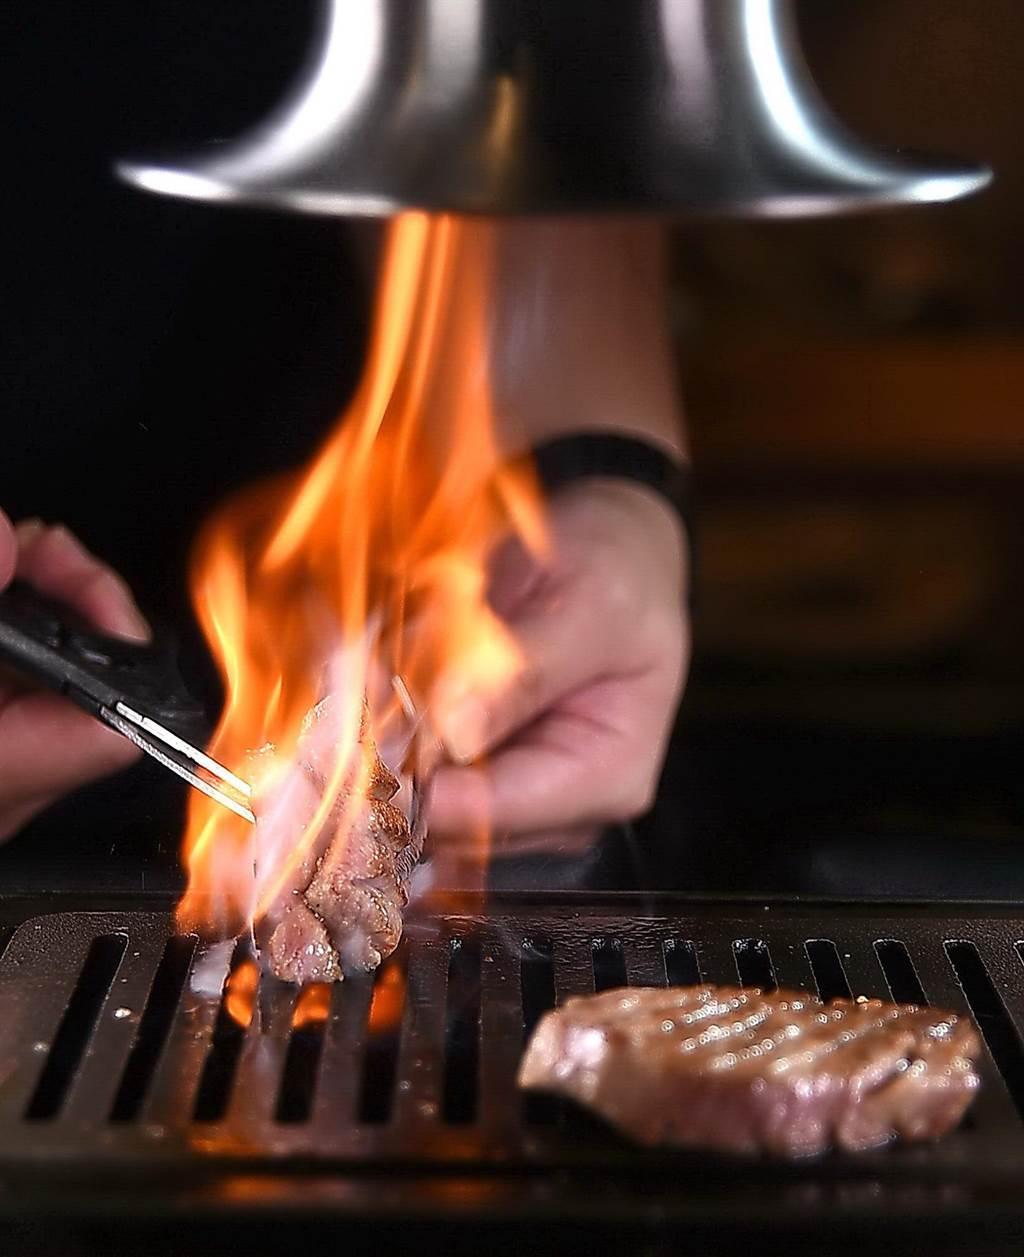 牛肉的油脂滴到烤爐內才冒火,這圖片說明了〈俺達的肉屋〉所用日本和牛的的檔次與等級。(圖/姚舜)